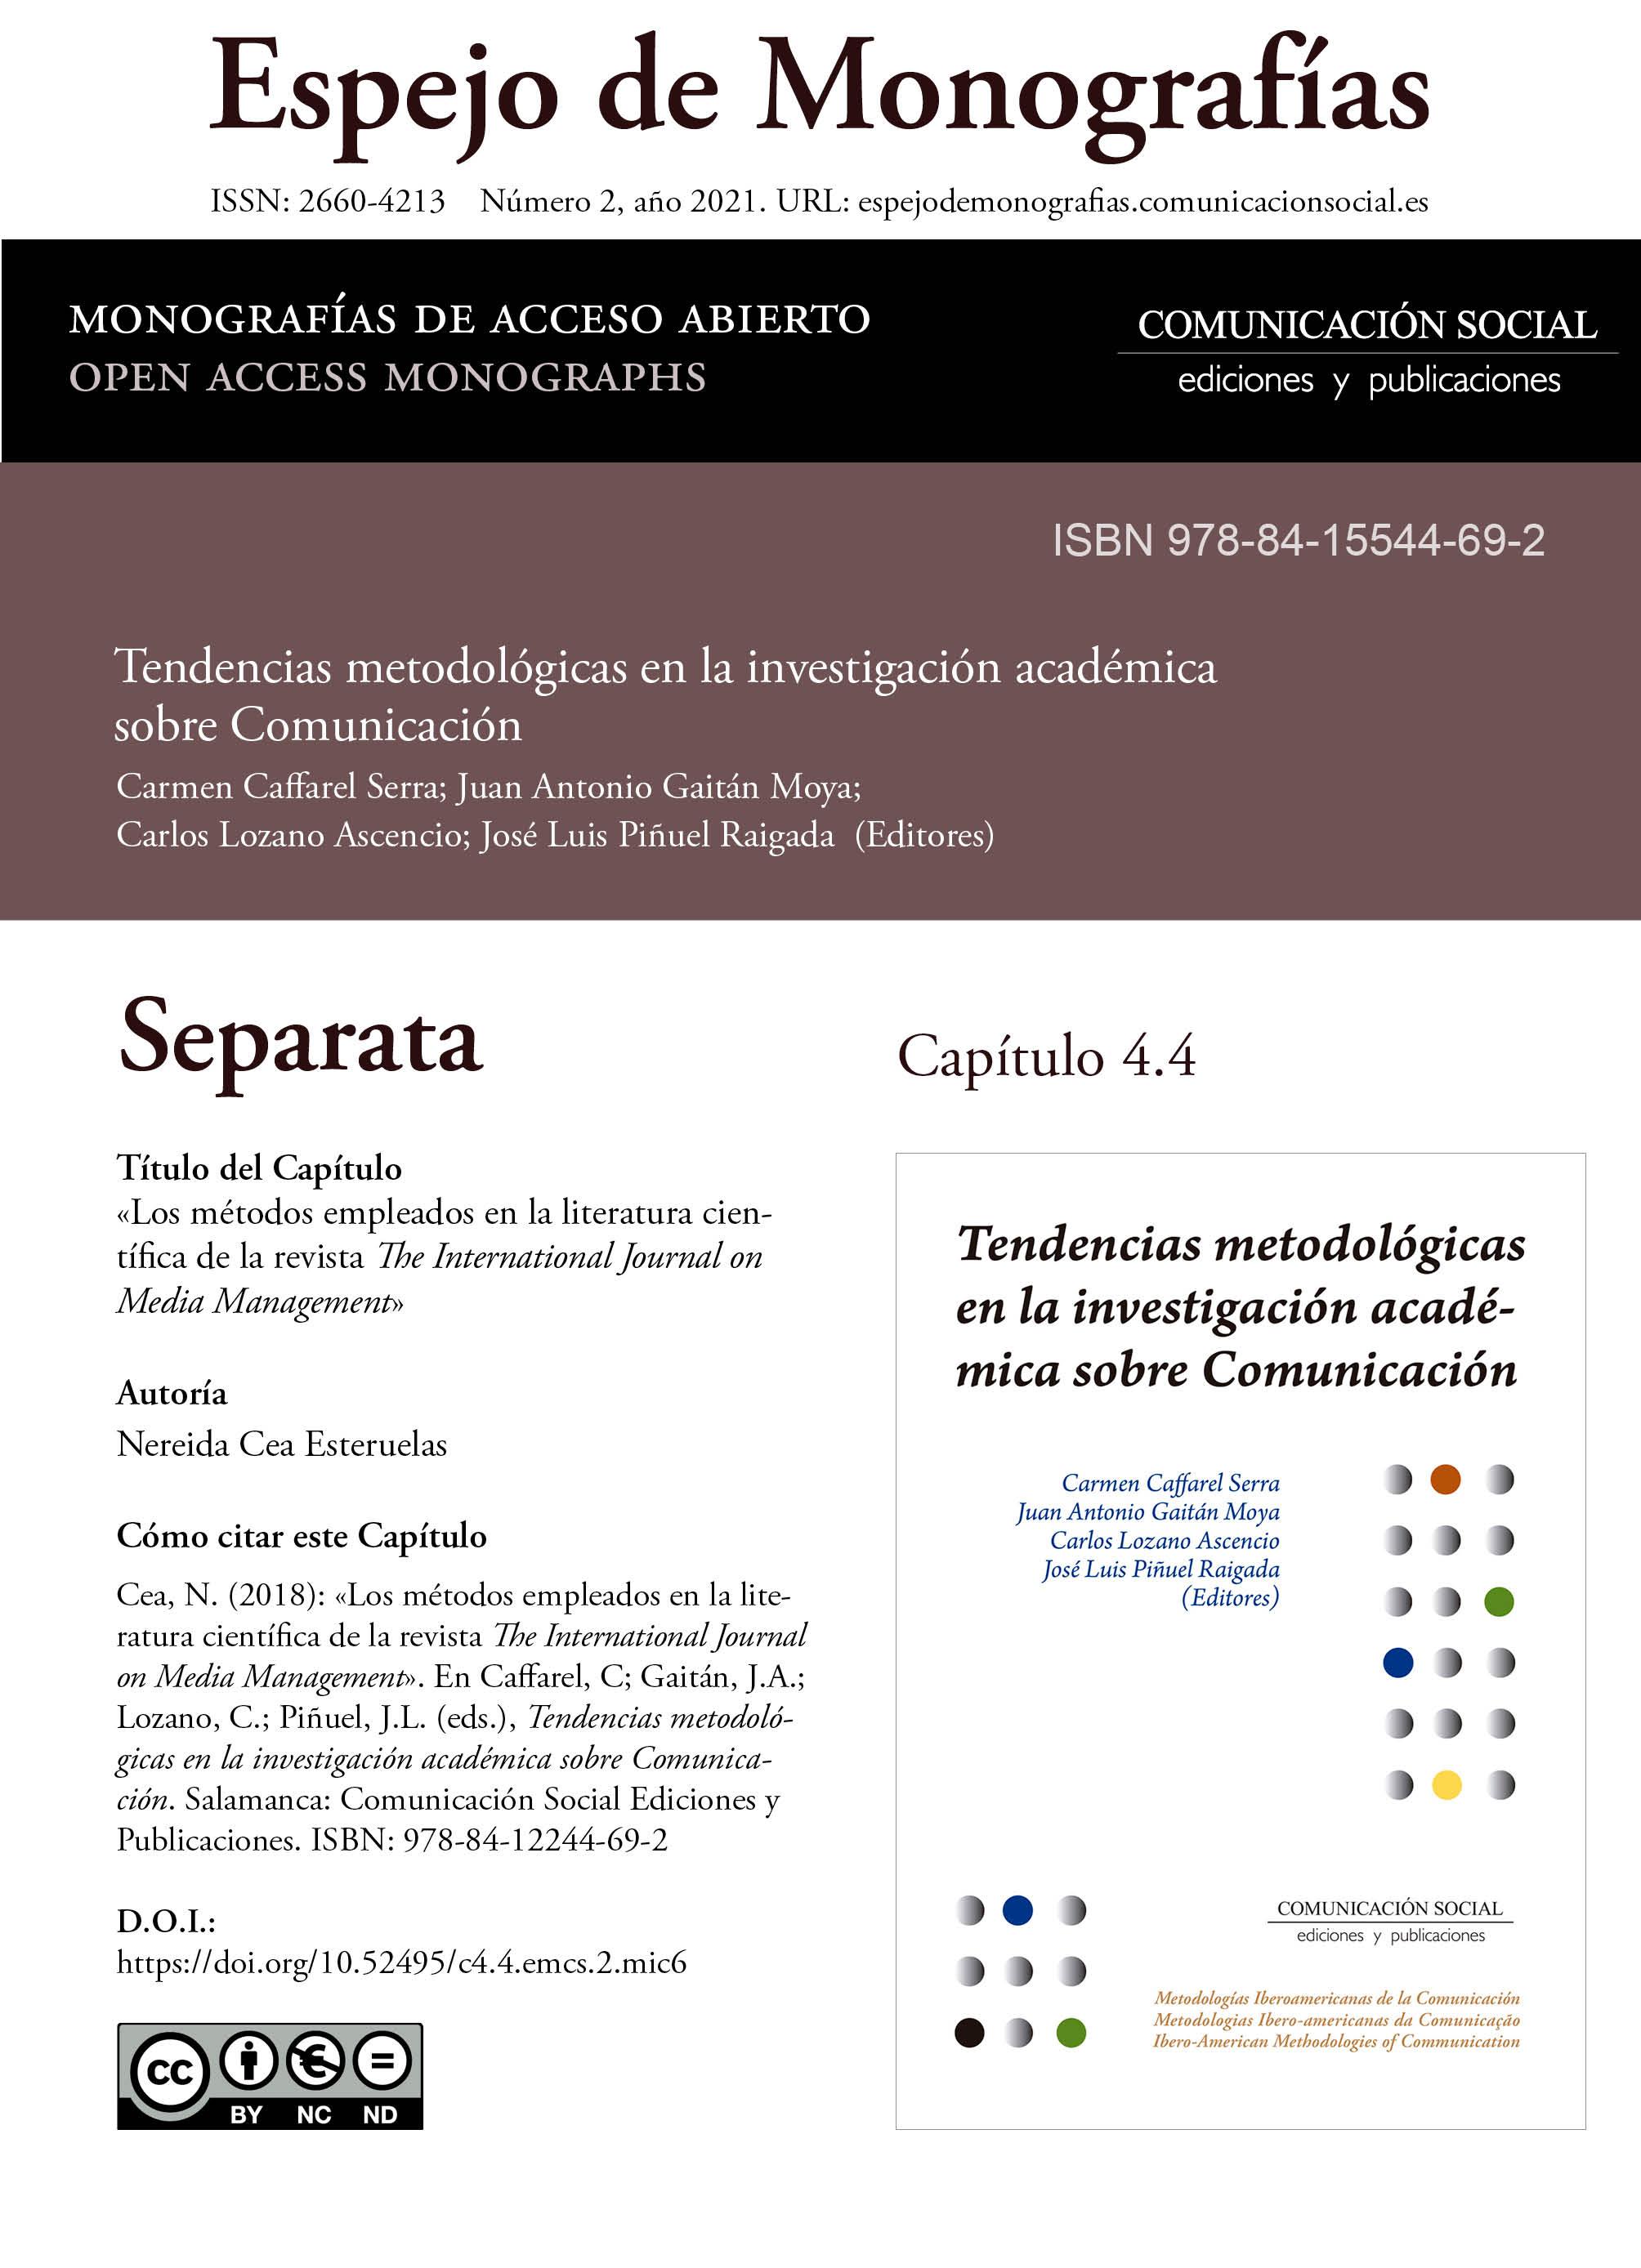 Separata del Capítulo 4.4 correspondiente a la monografía Tendencias metodológicas en la investigación académica en Comunicación